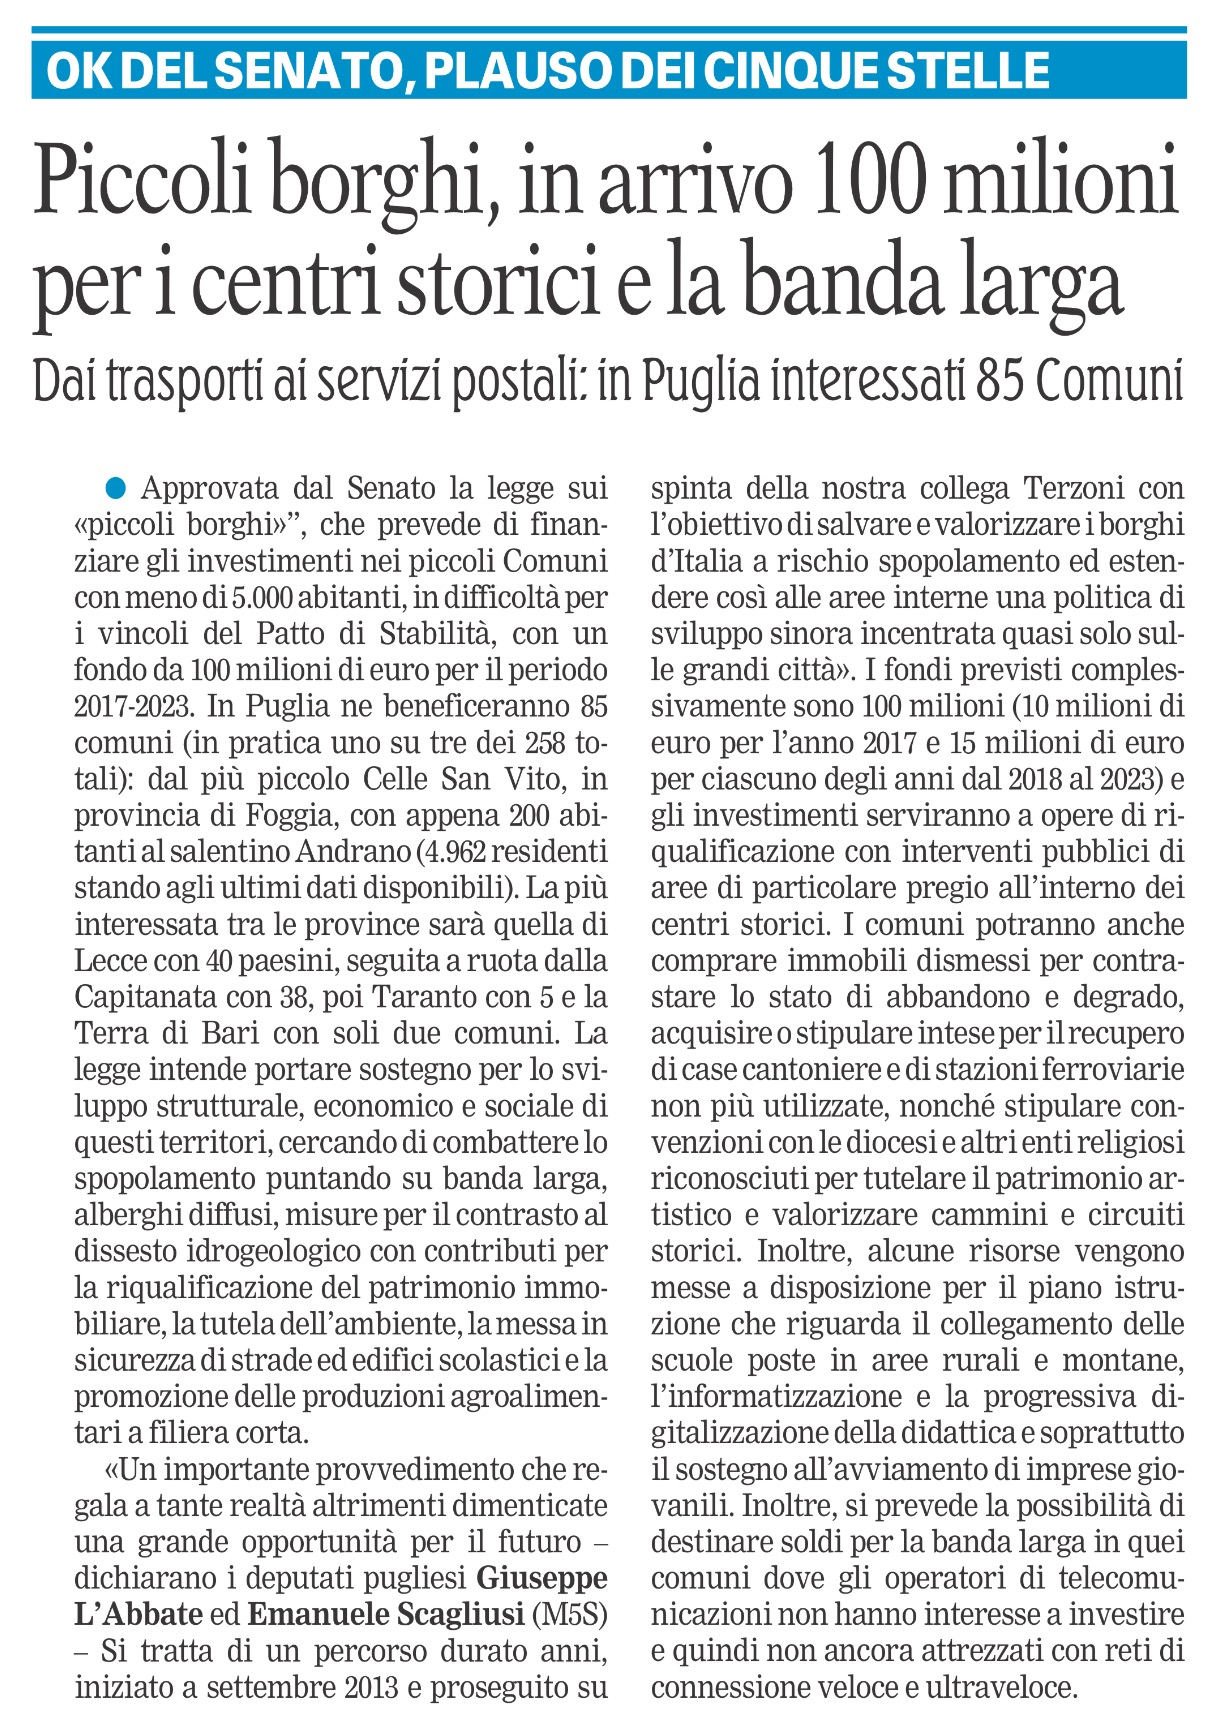 La Gazzetta del Mezzogiorno - 03.10.2017